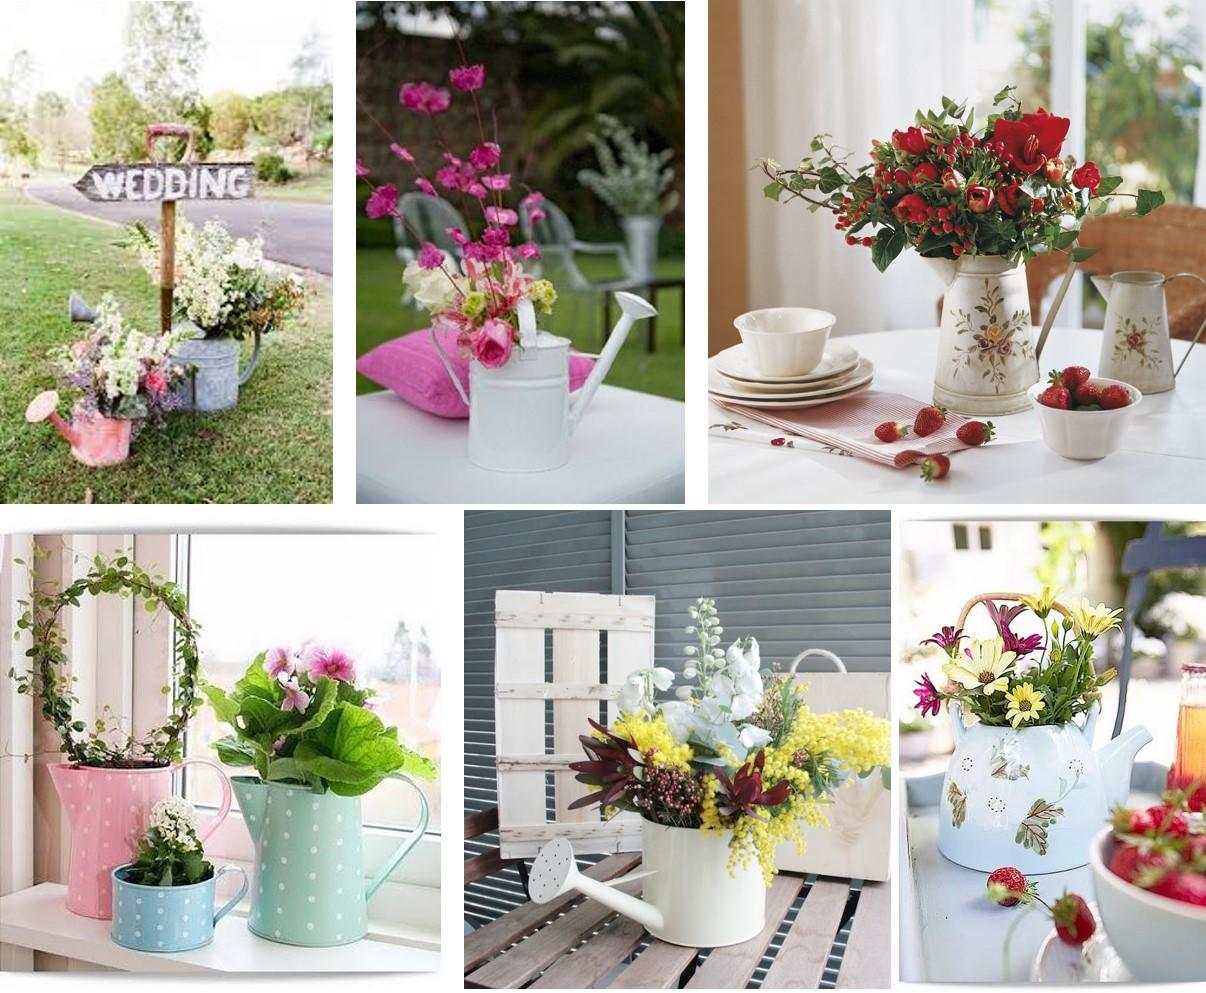 Jarras y regaderas para colocar flores